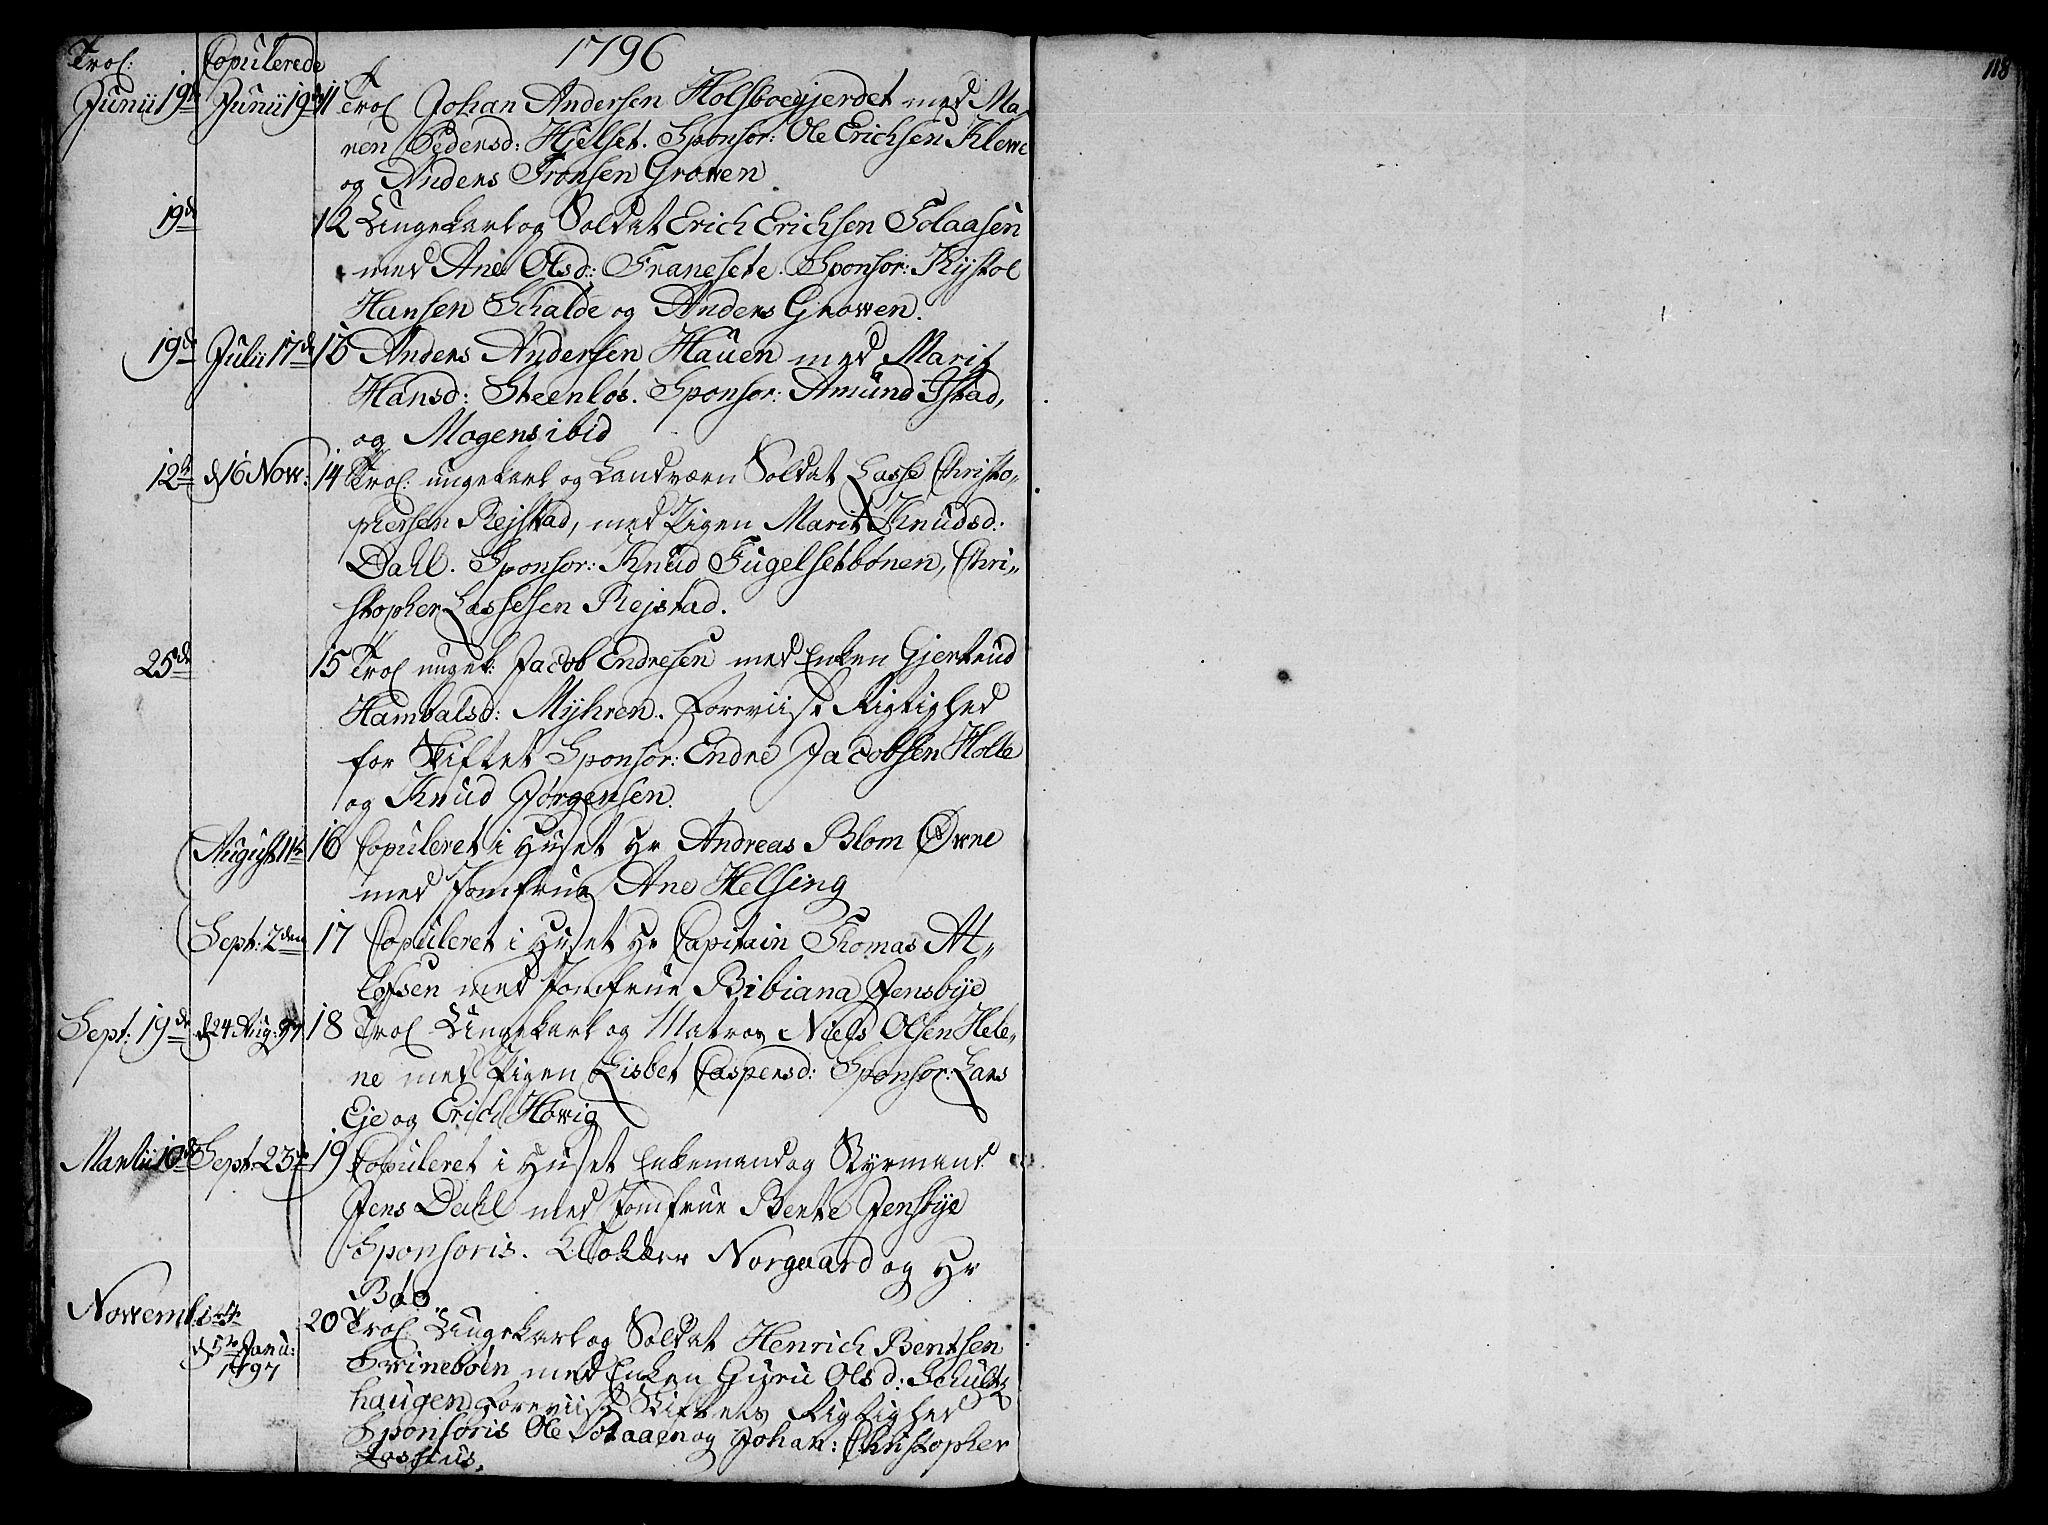 SAT, Ministerialprotokoller, klokkerbøker og fødselsregistre - Møre og Romsdal, 555/L0649: Ministerialbok nr. 555A02 /1, 1795-1821, s. 118